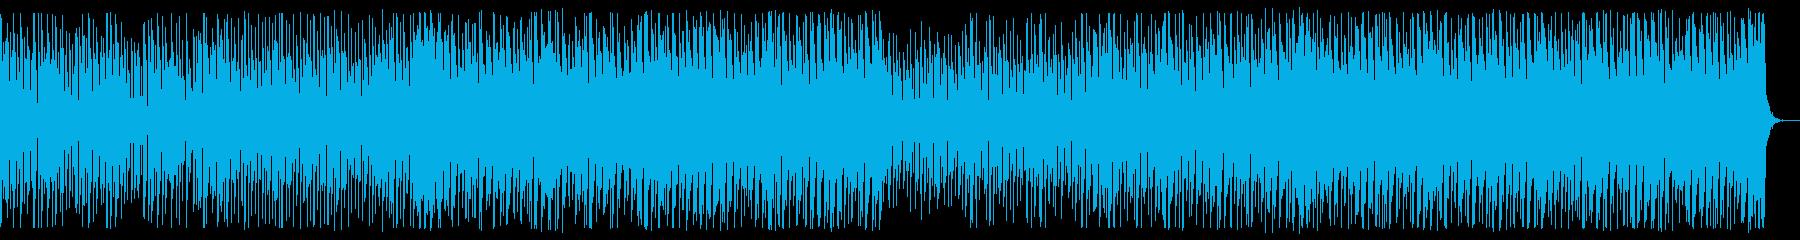 前向きなエレクトロ。ストリングスなし。の再生済みの波形